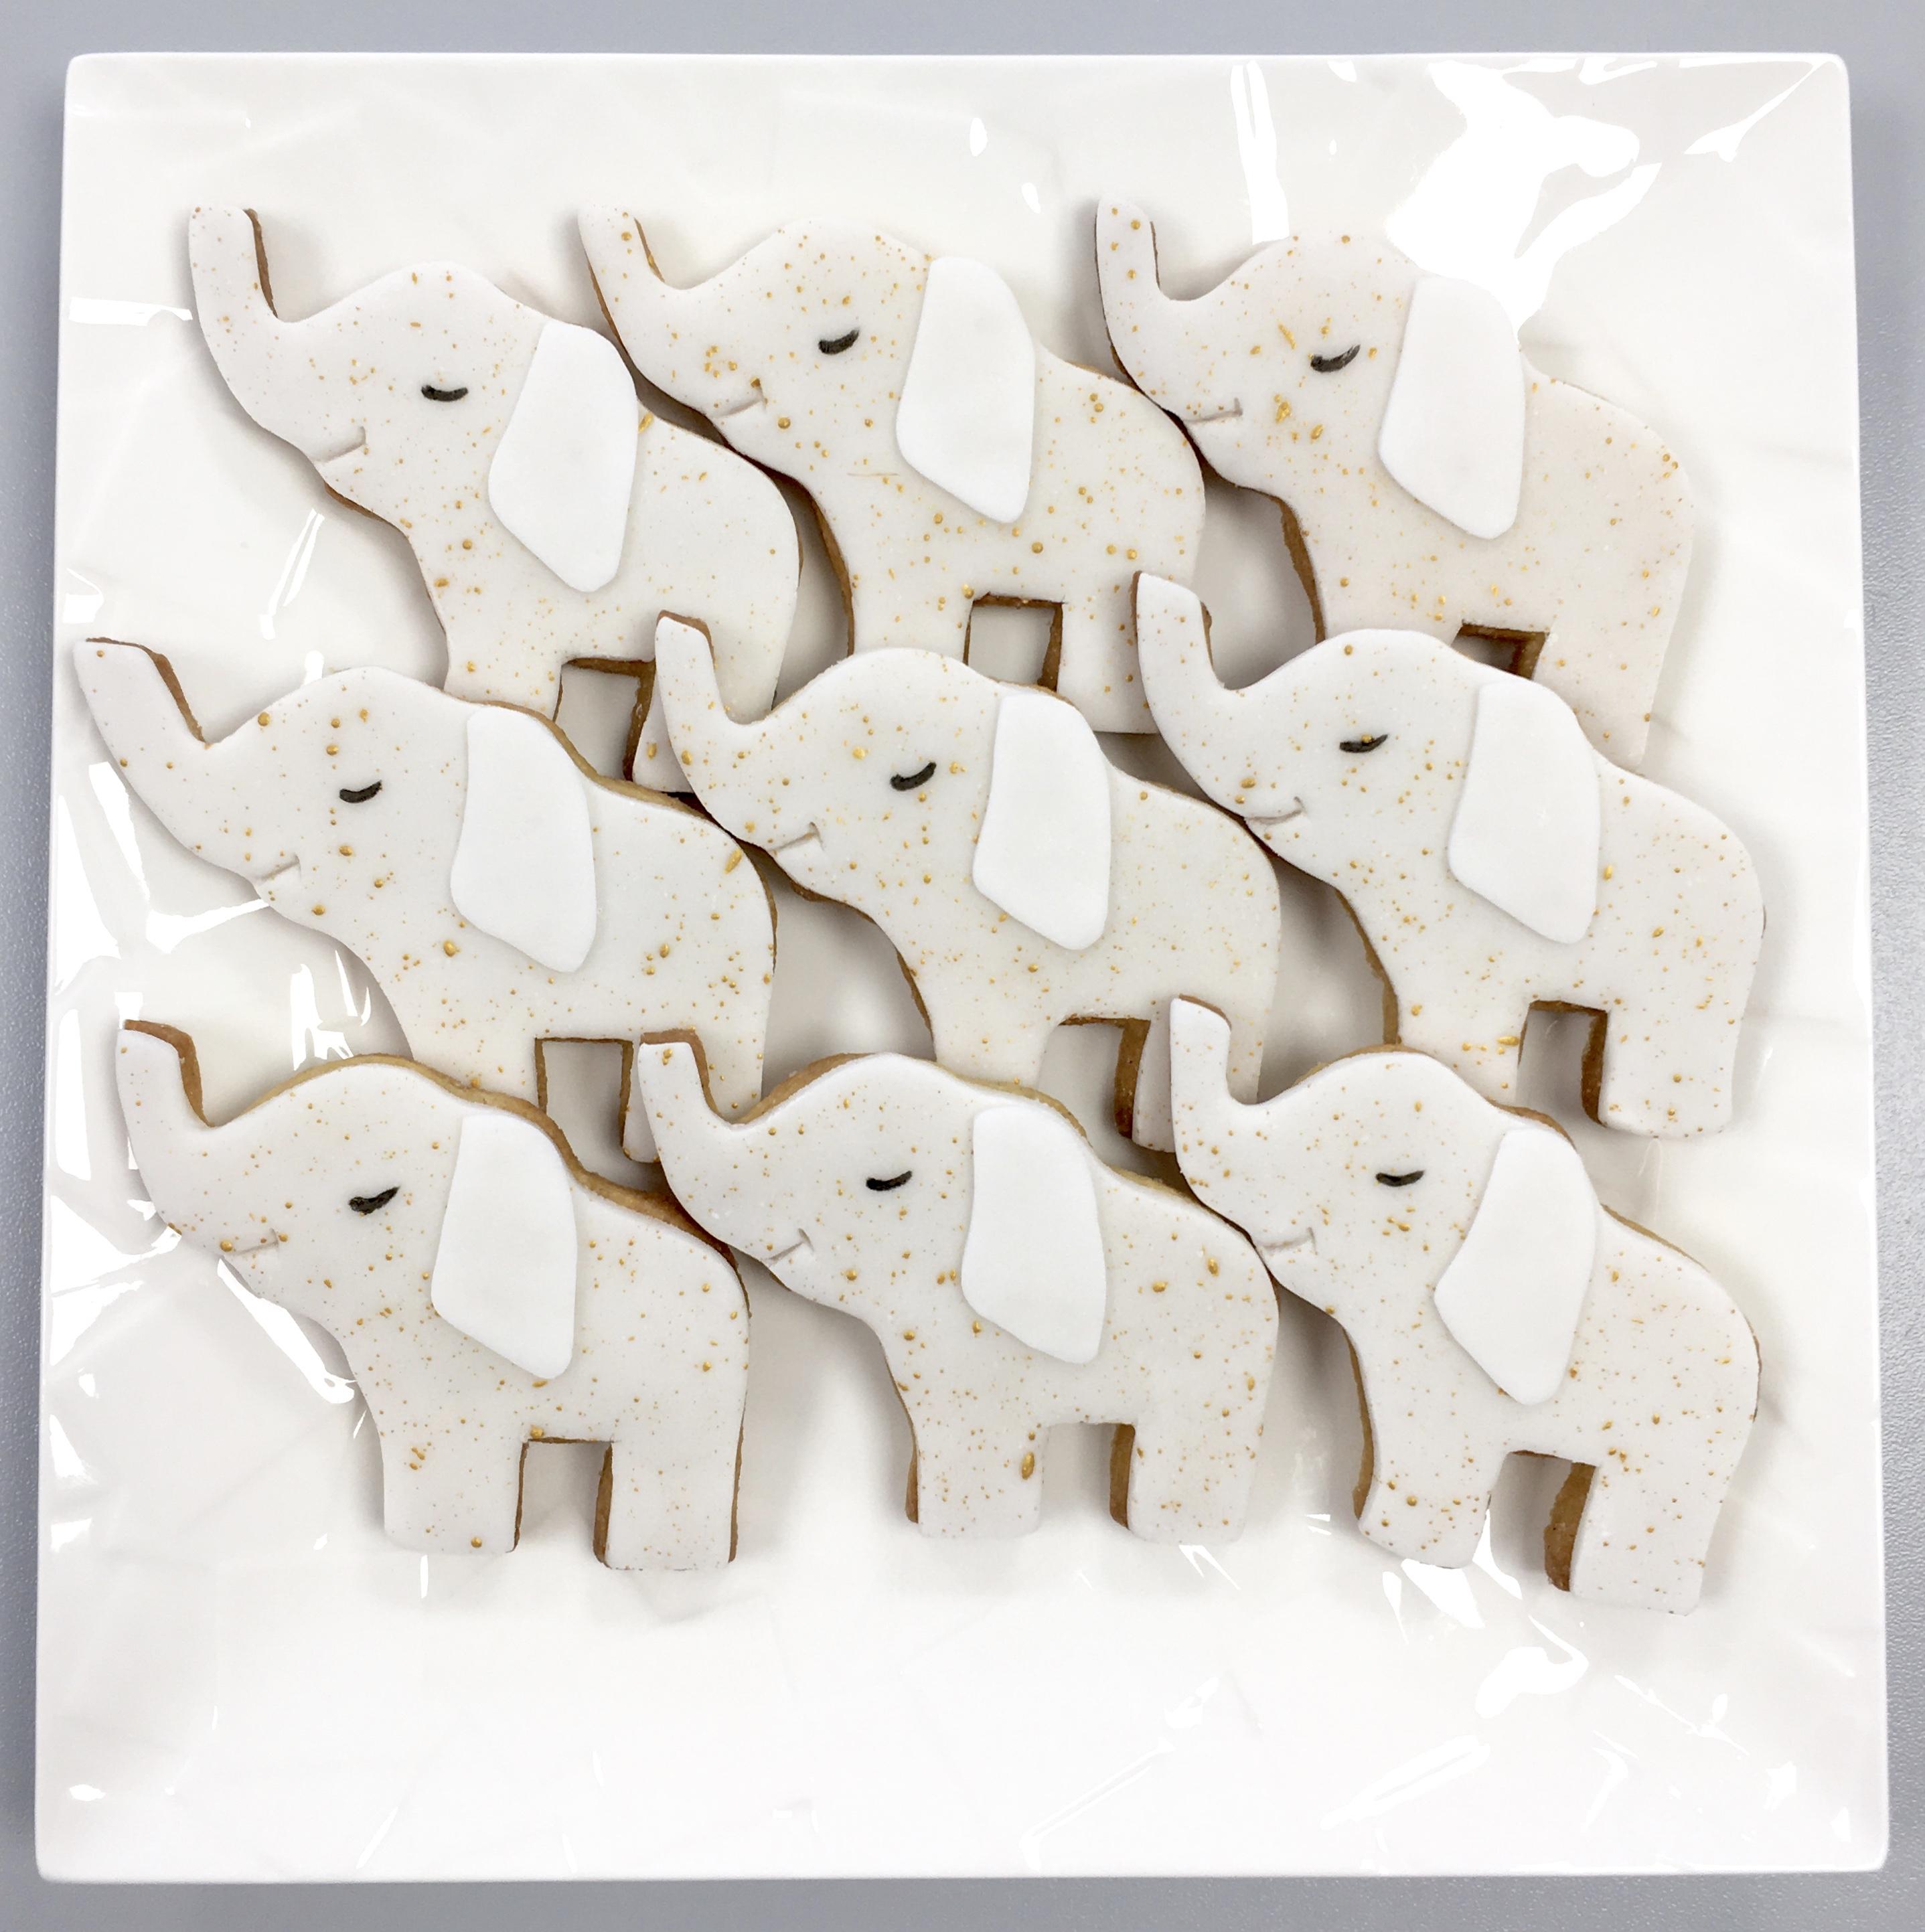 Gâteaux individuels personnalisés Anniversaire - Sablés décorés Thème Cirque Eléphants